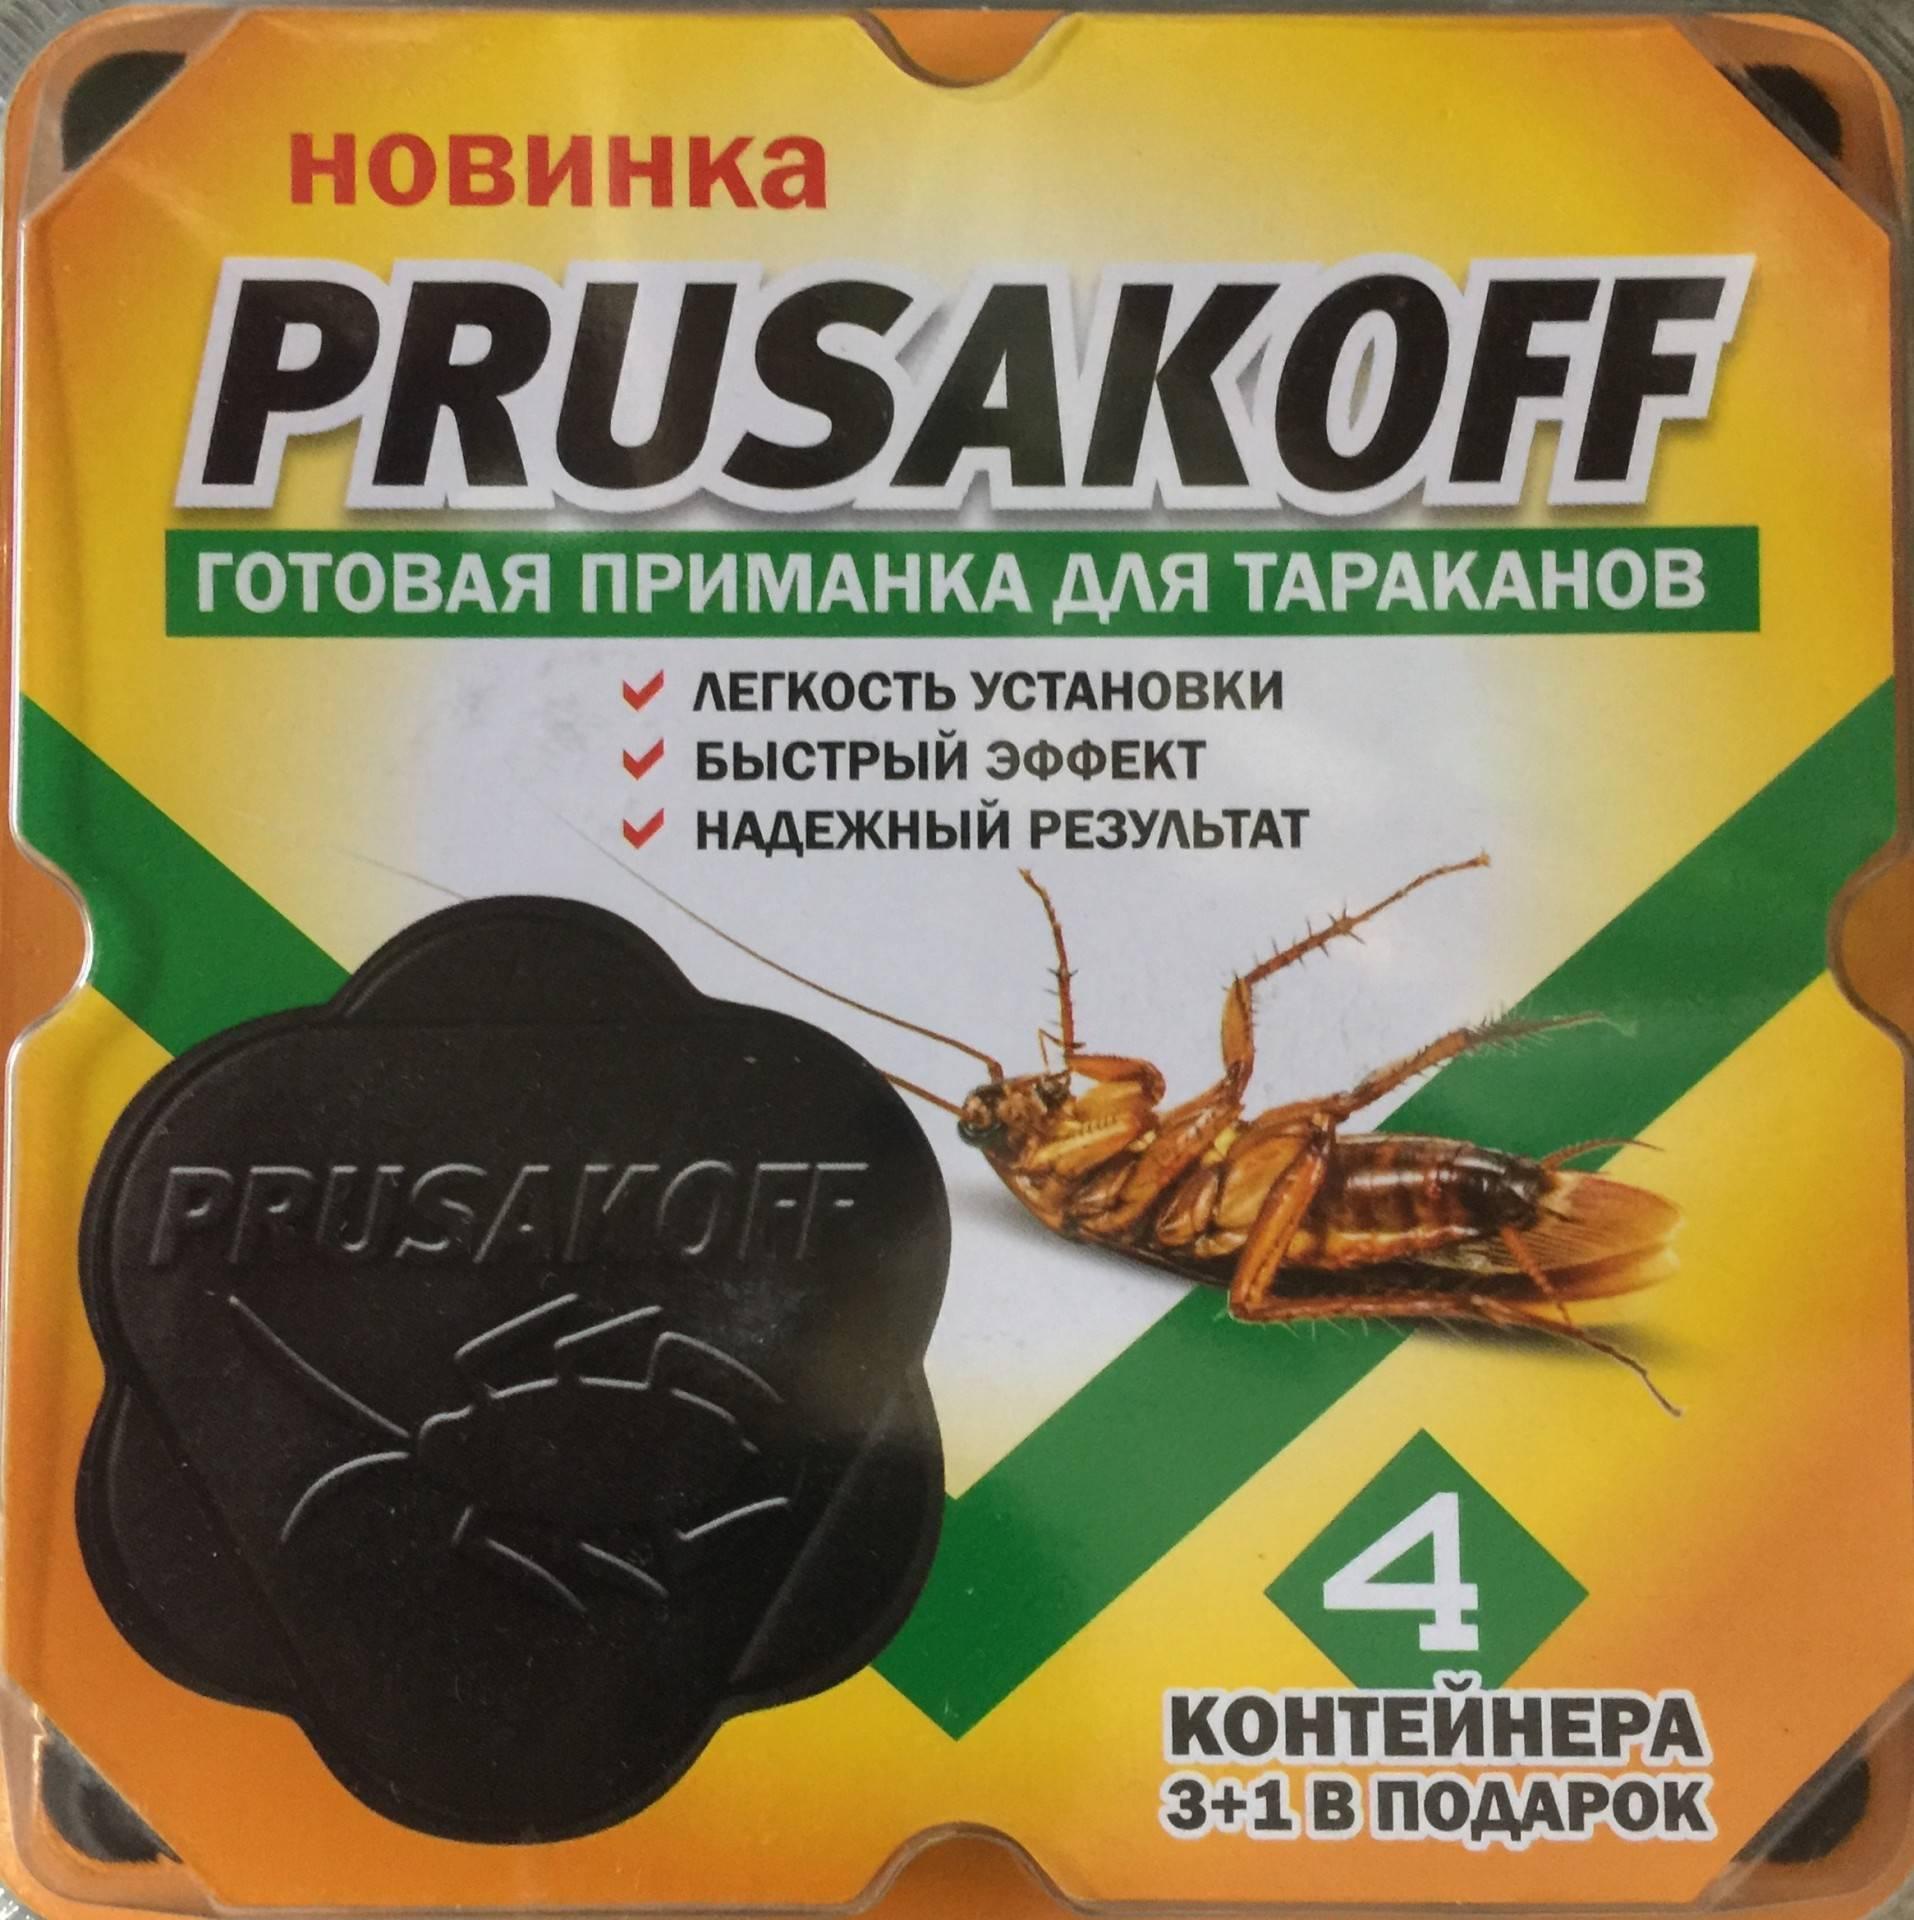 Самое эффективное средство от тараканов в квартире